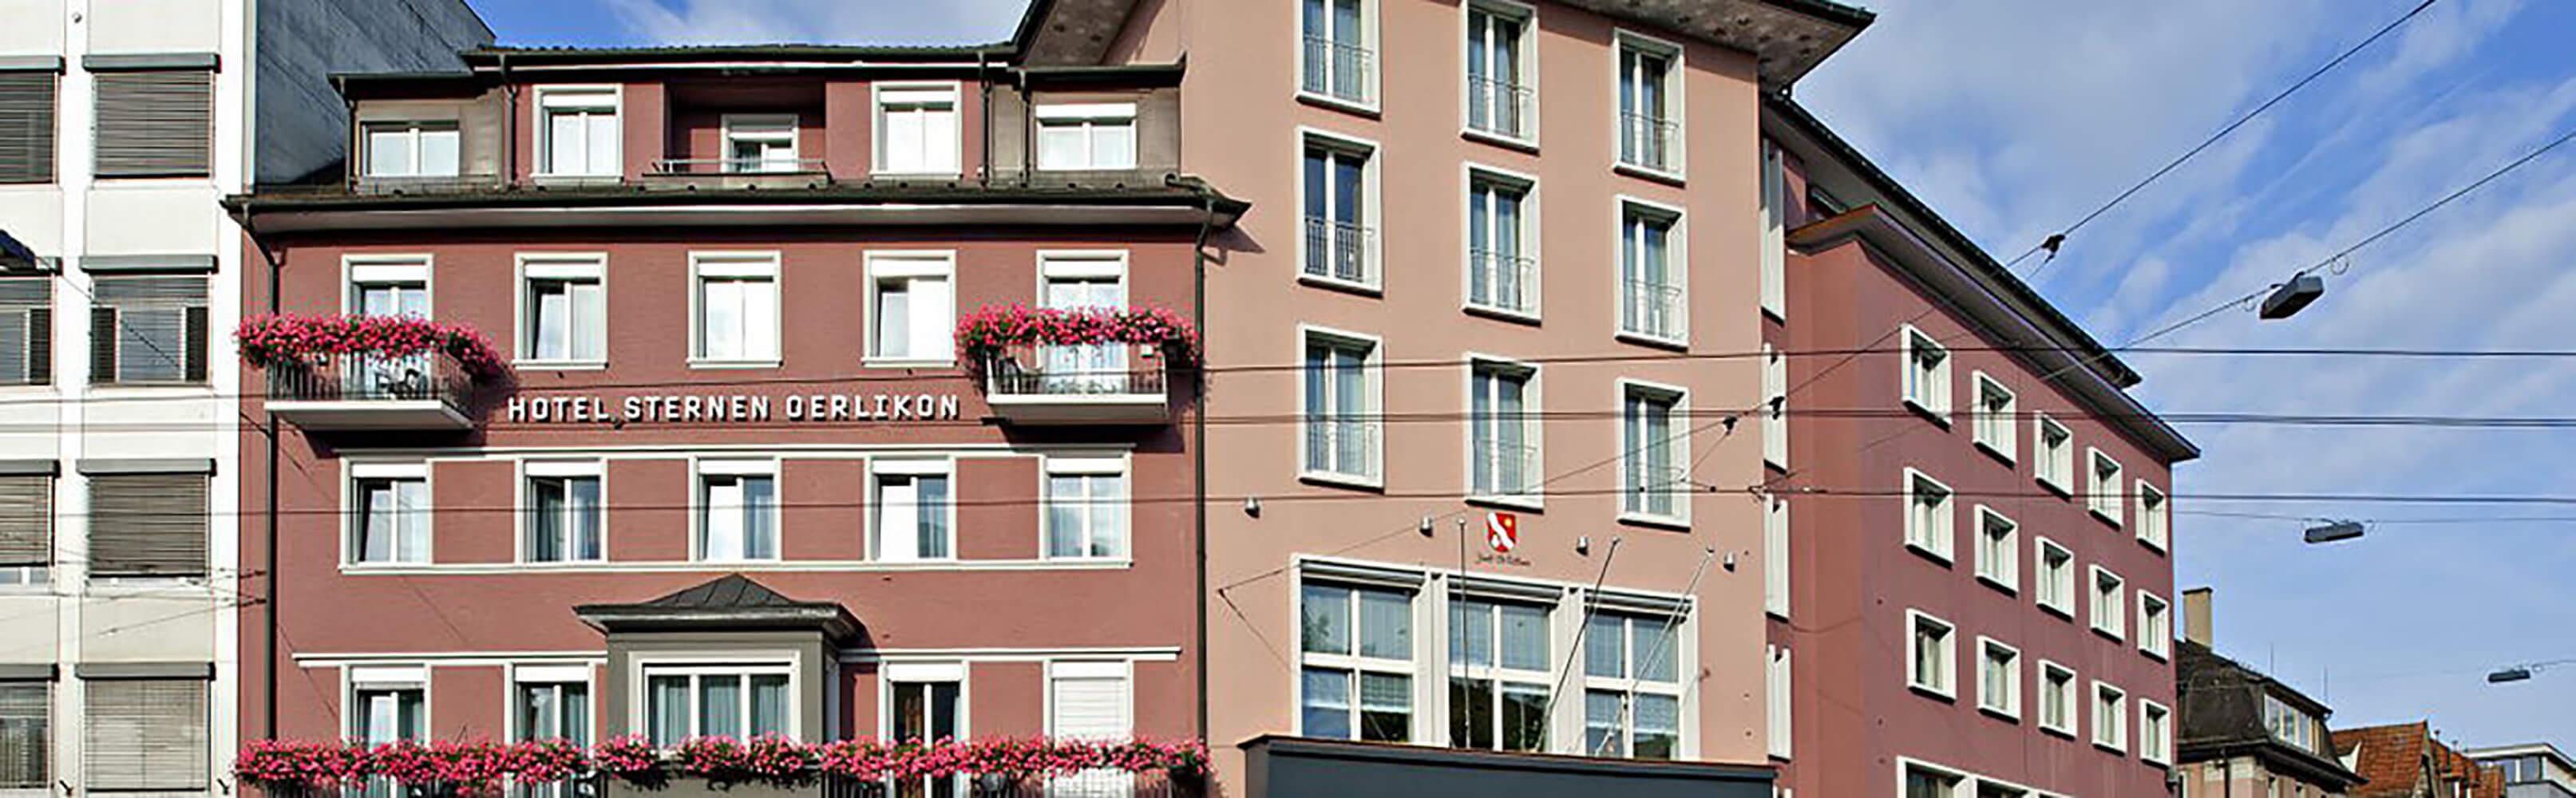 Hotel Sternen Oerlikon 1